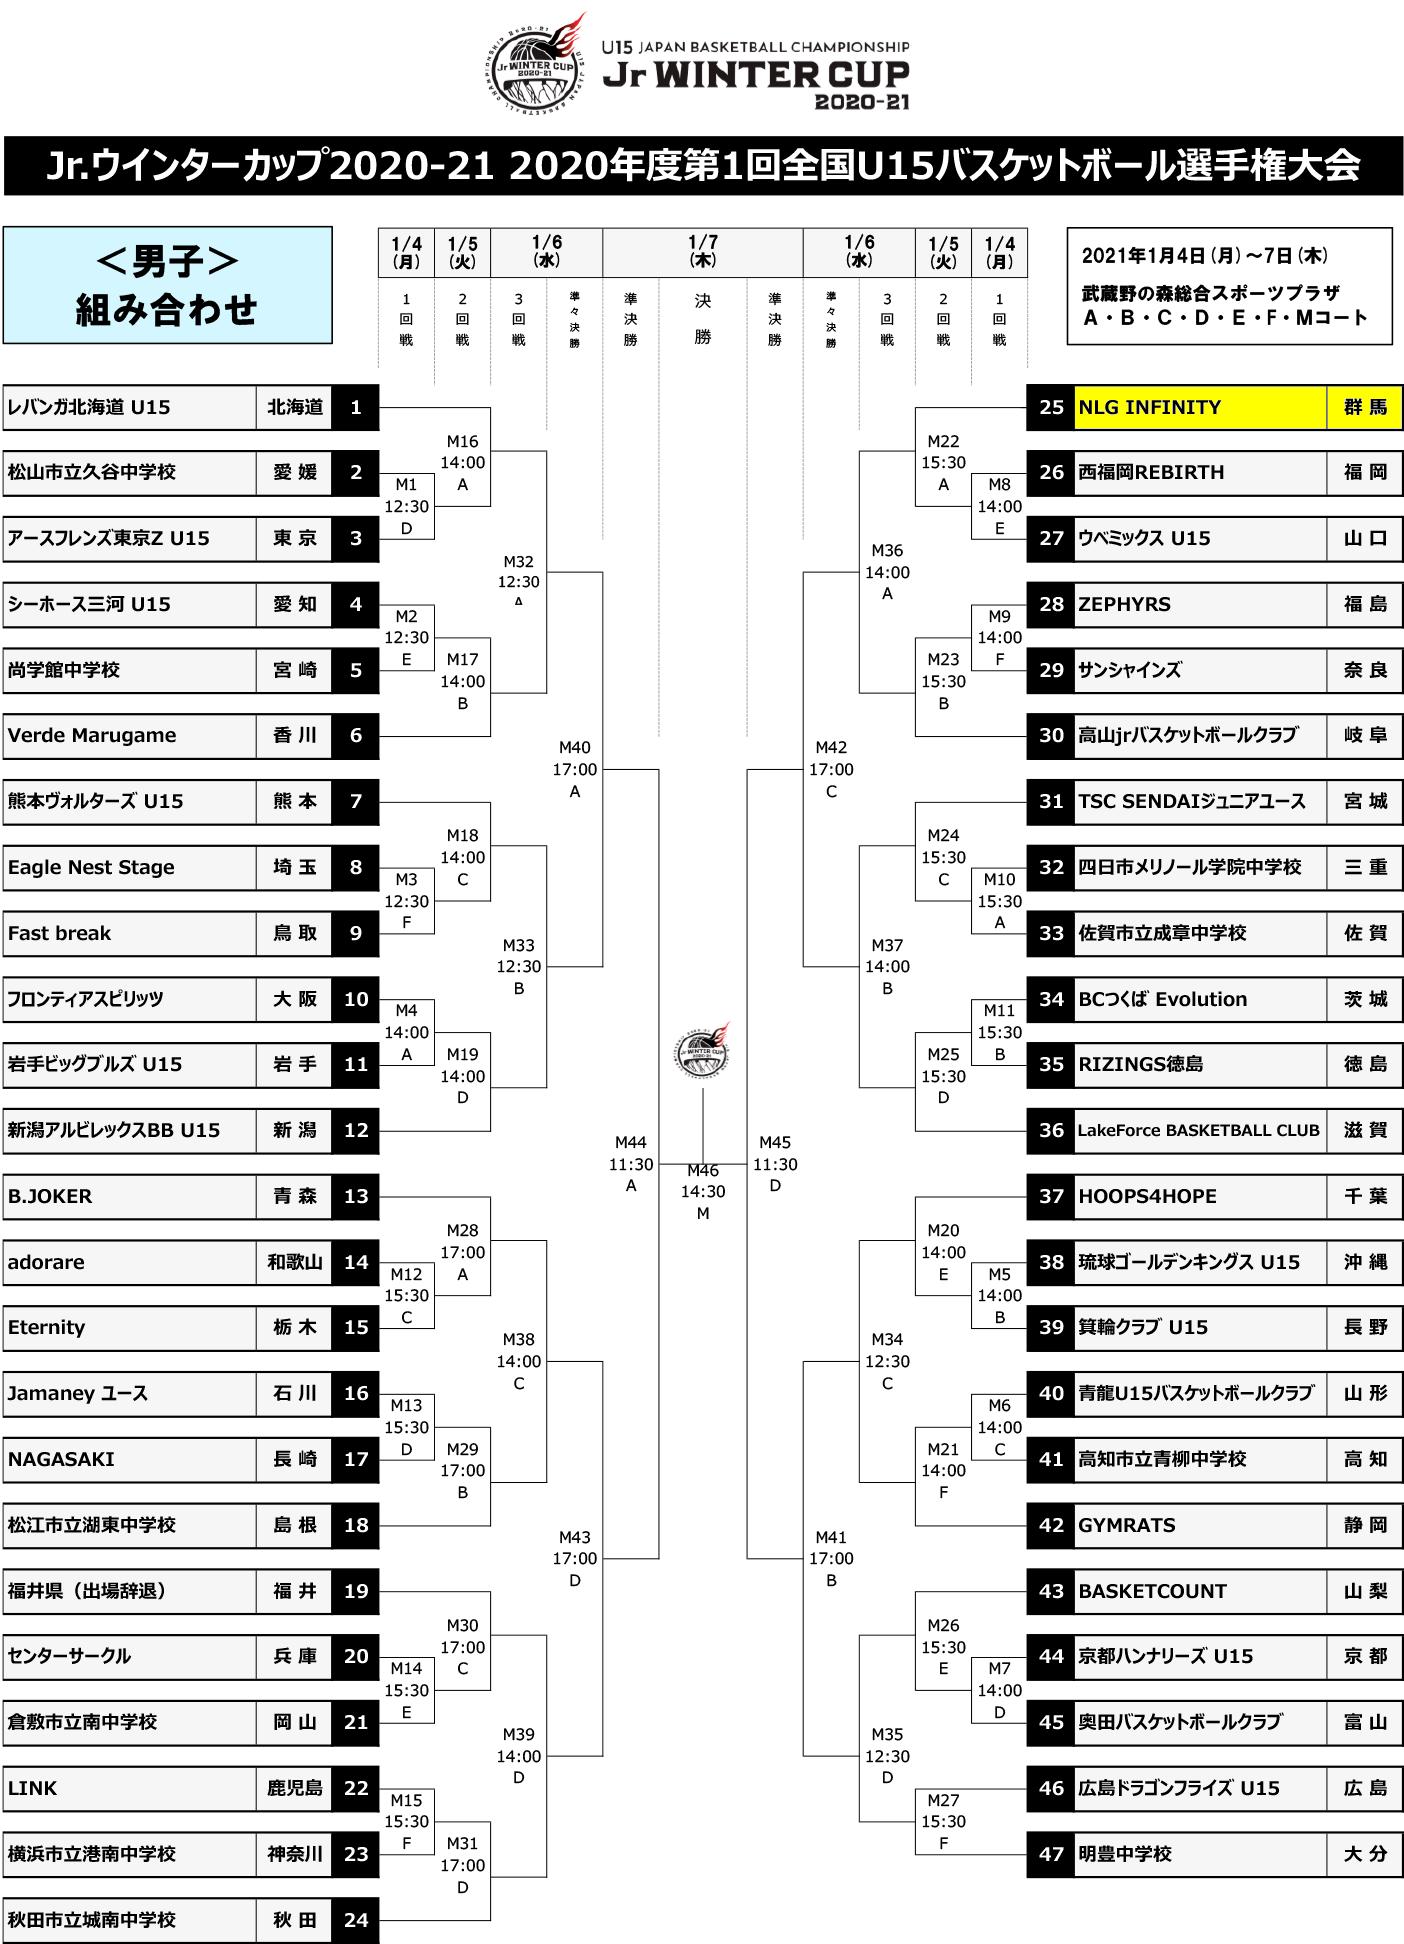 Jr.ウインターカップ2020-21 - 組み合わせ 男子